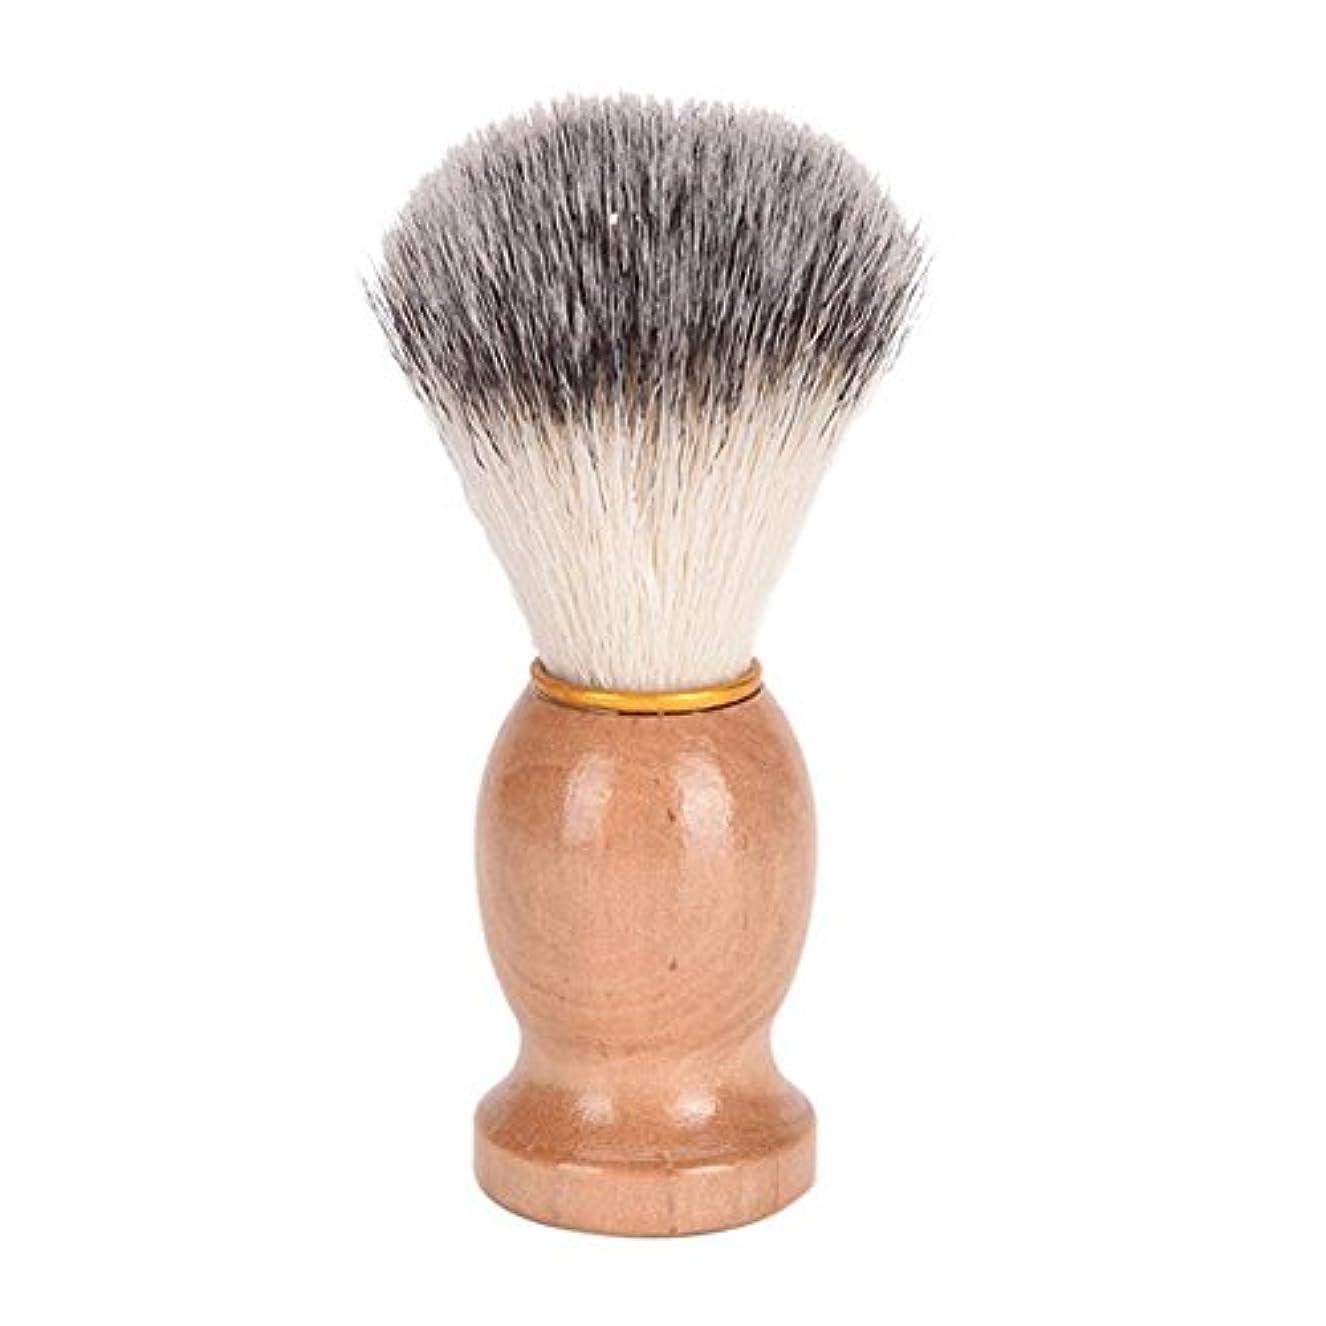 いつでもドキュメンタリーアフリカひげブラシ 髭ブラシ シェービング用アクセサリー メンズ用 髭剃り ブラシ シェービングブラシ 木製ハンドル 男性 ギフト理容 洗顔 髭剃り